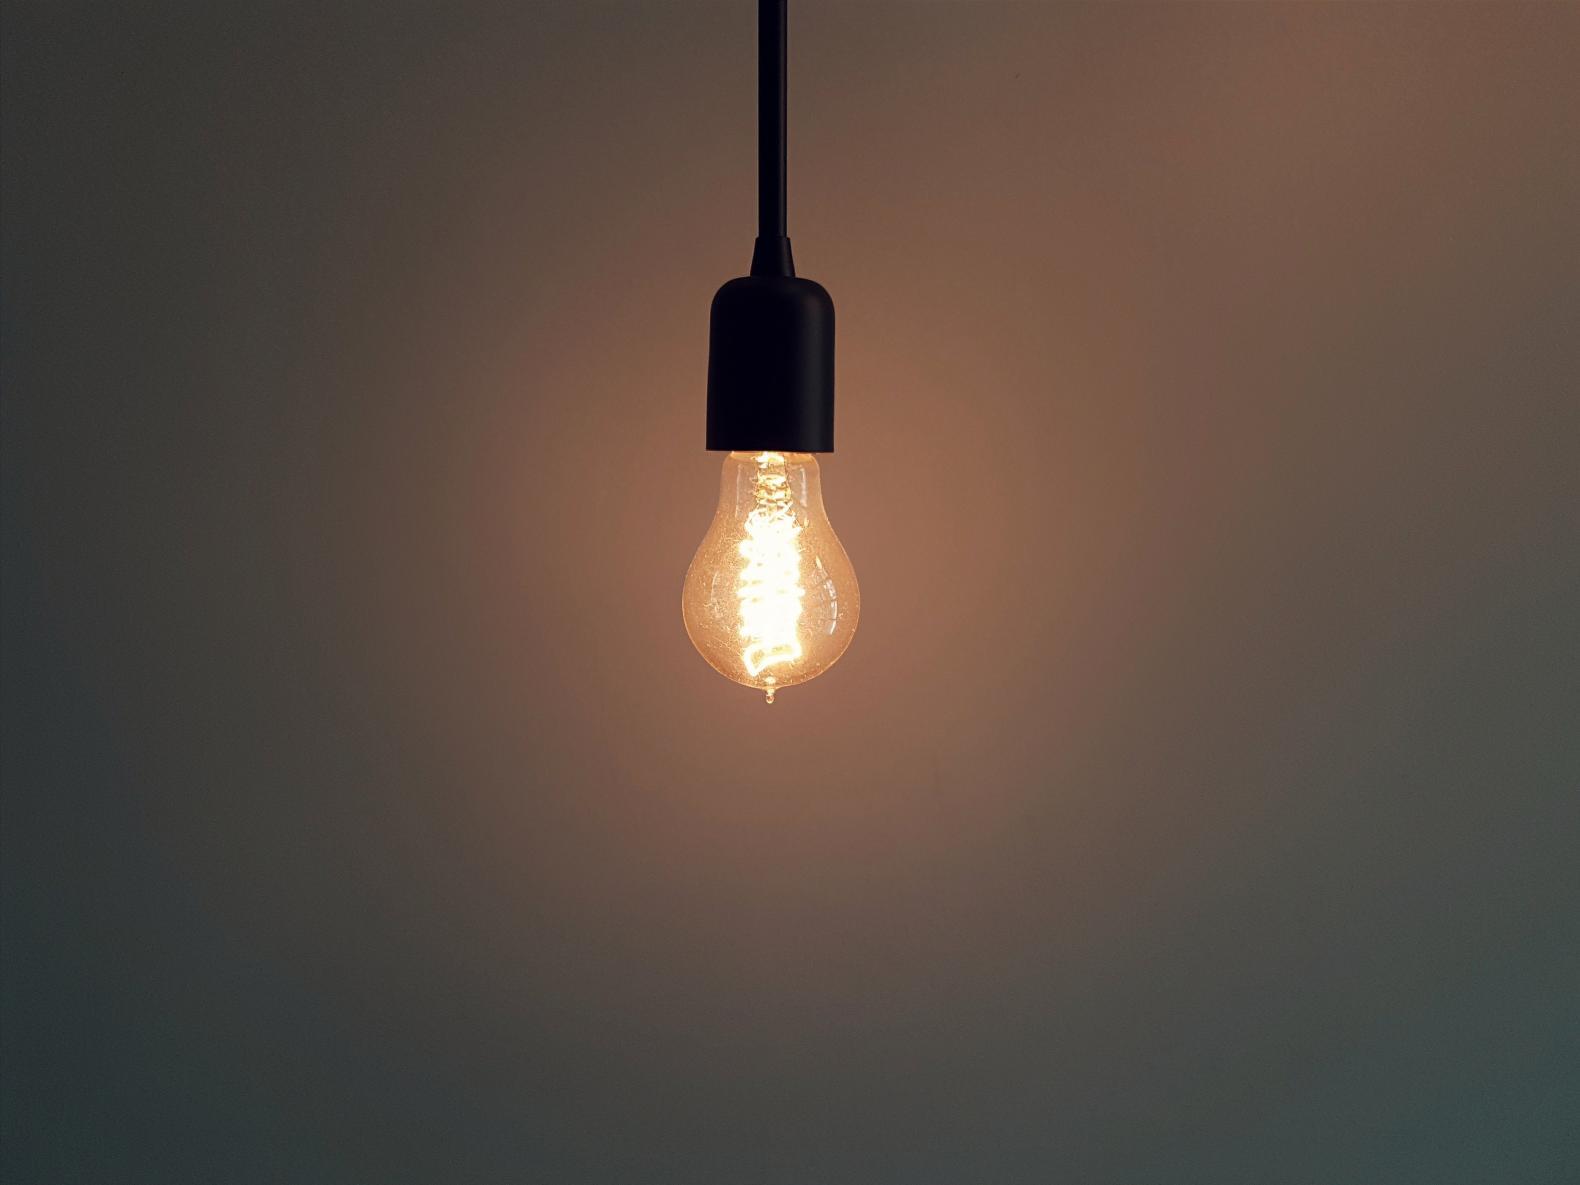 turned-on-pendant-lamp-132340.jpg